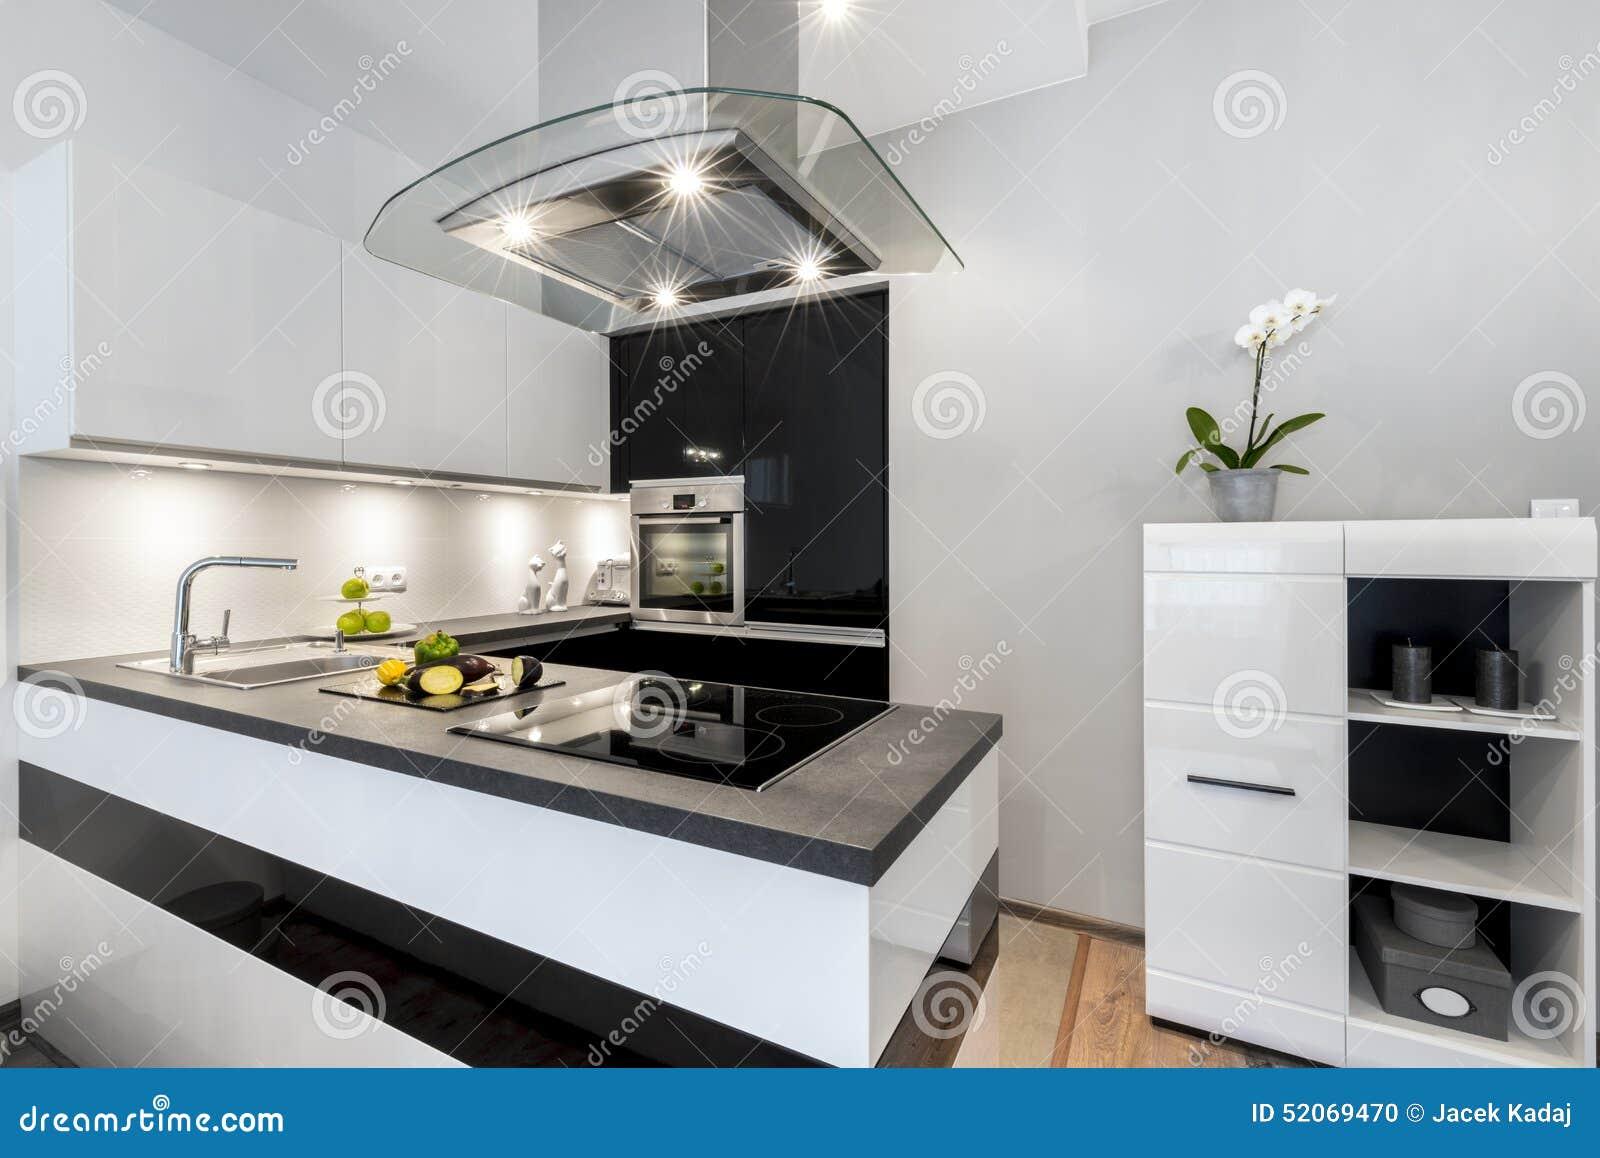 Keuken Ontwerpen Ikea – Atumre.com